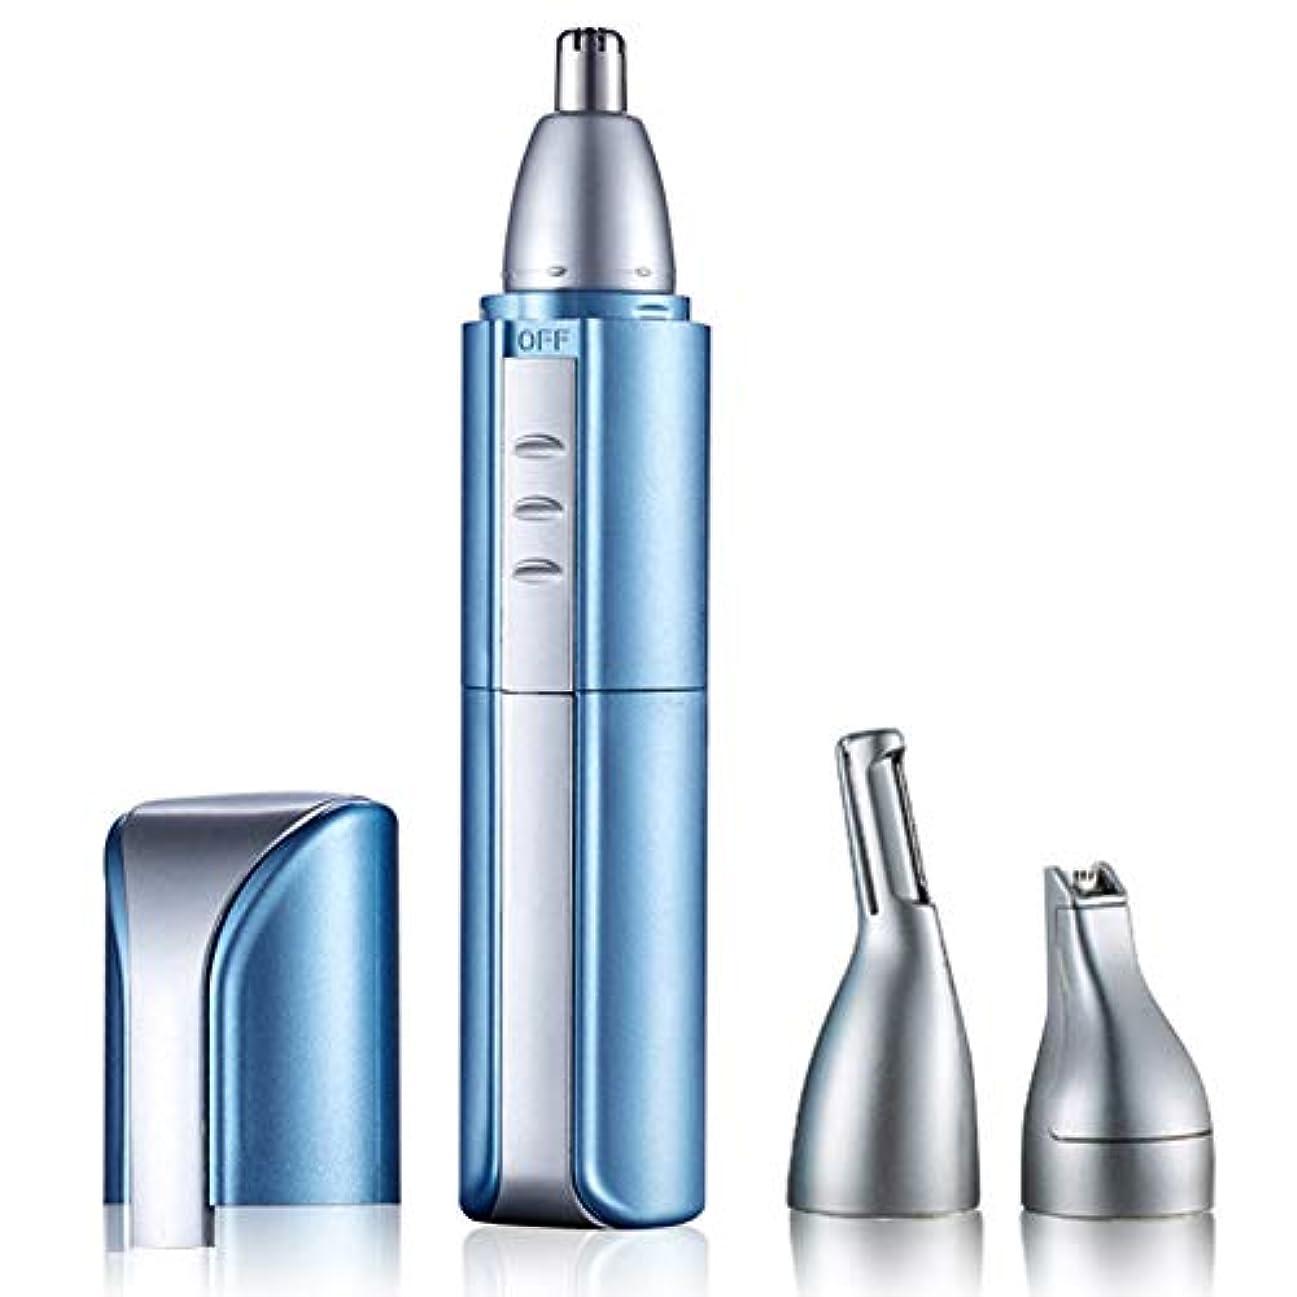 医薬カップルページェント男性/女性の顔のケア、洗える乾いた乾いた二重使用のための鼻のヘアトリマー3-in-1鼻の耳と眉毛のヘアトリマー(USB充電式)